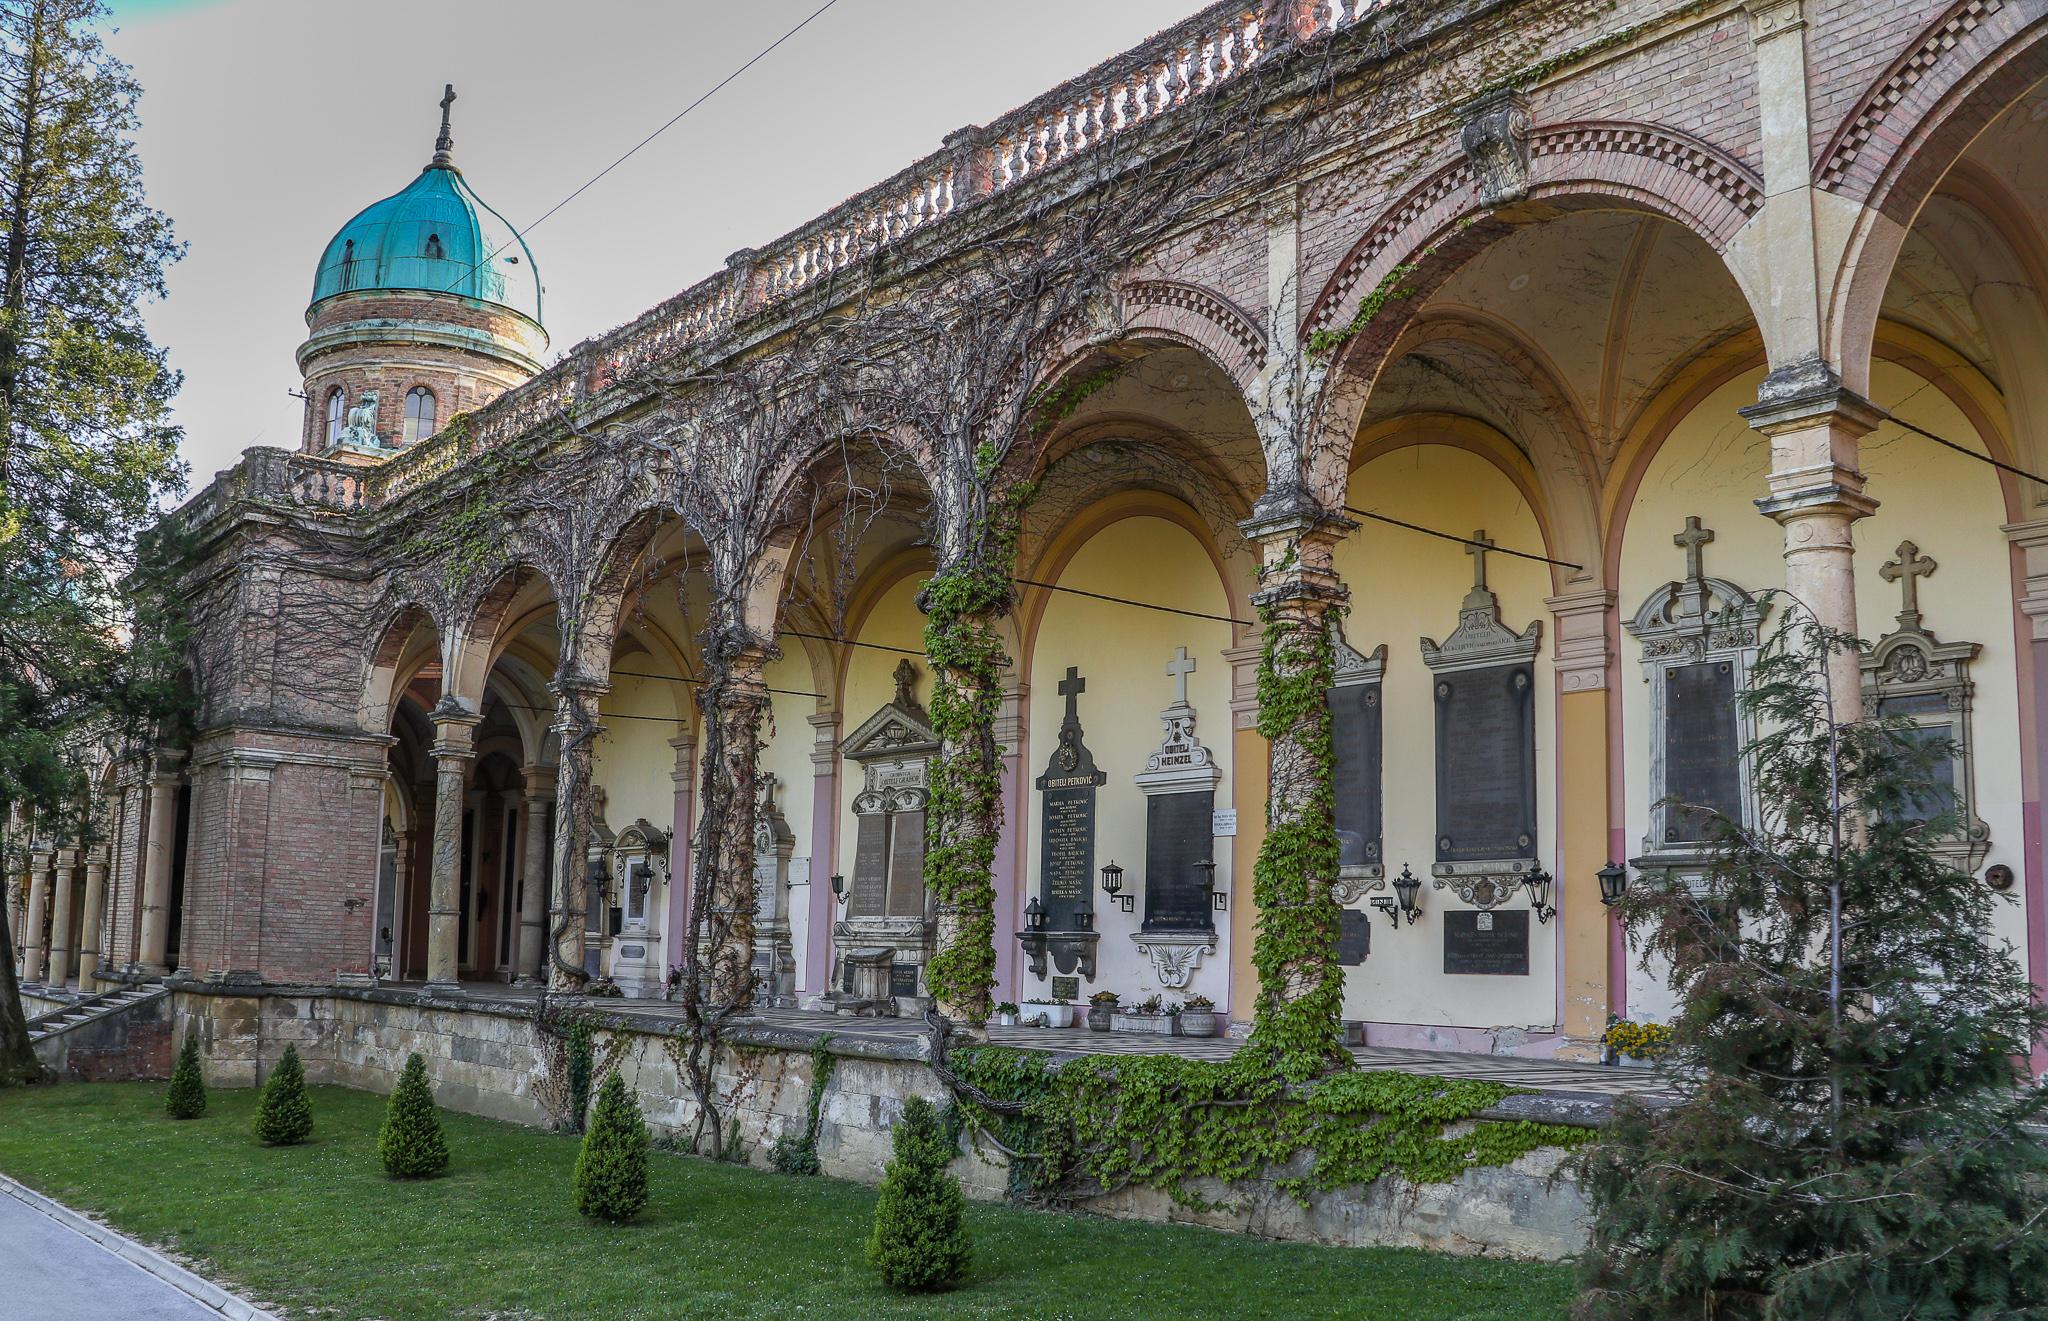 Cemitério de Mirogoj Zagreb